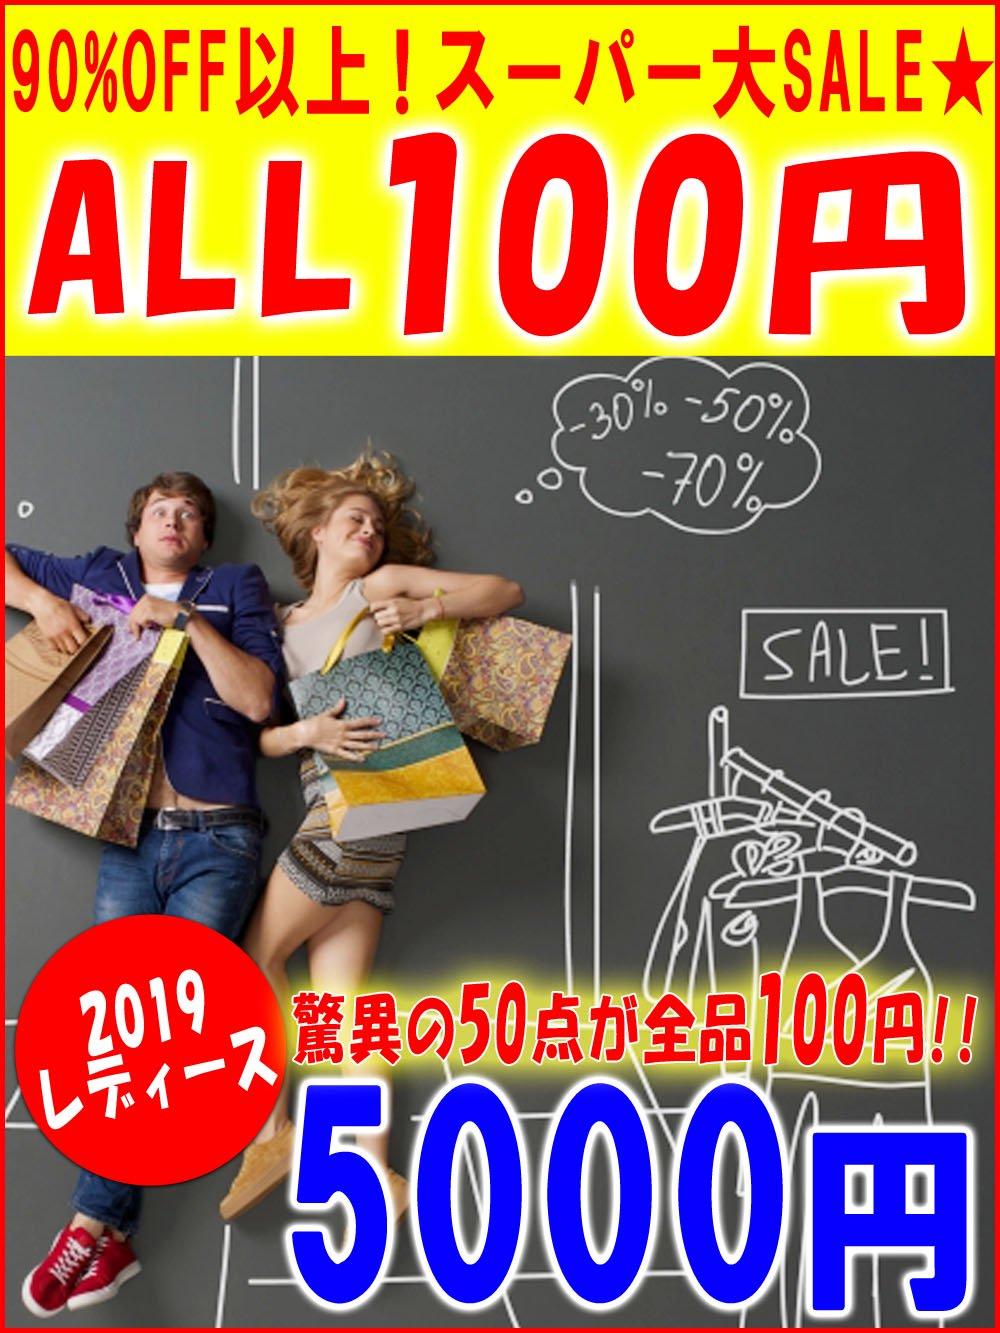 【 90%OFF以上 】2019レディース ALL100円★売りつくしスーパーSALE 【50点】@100